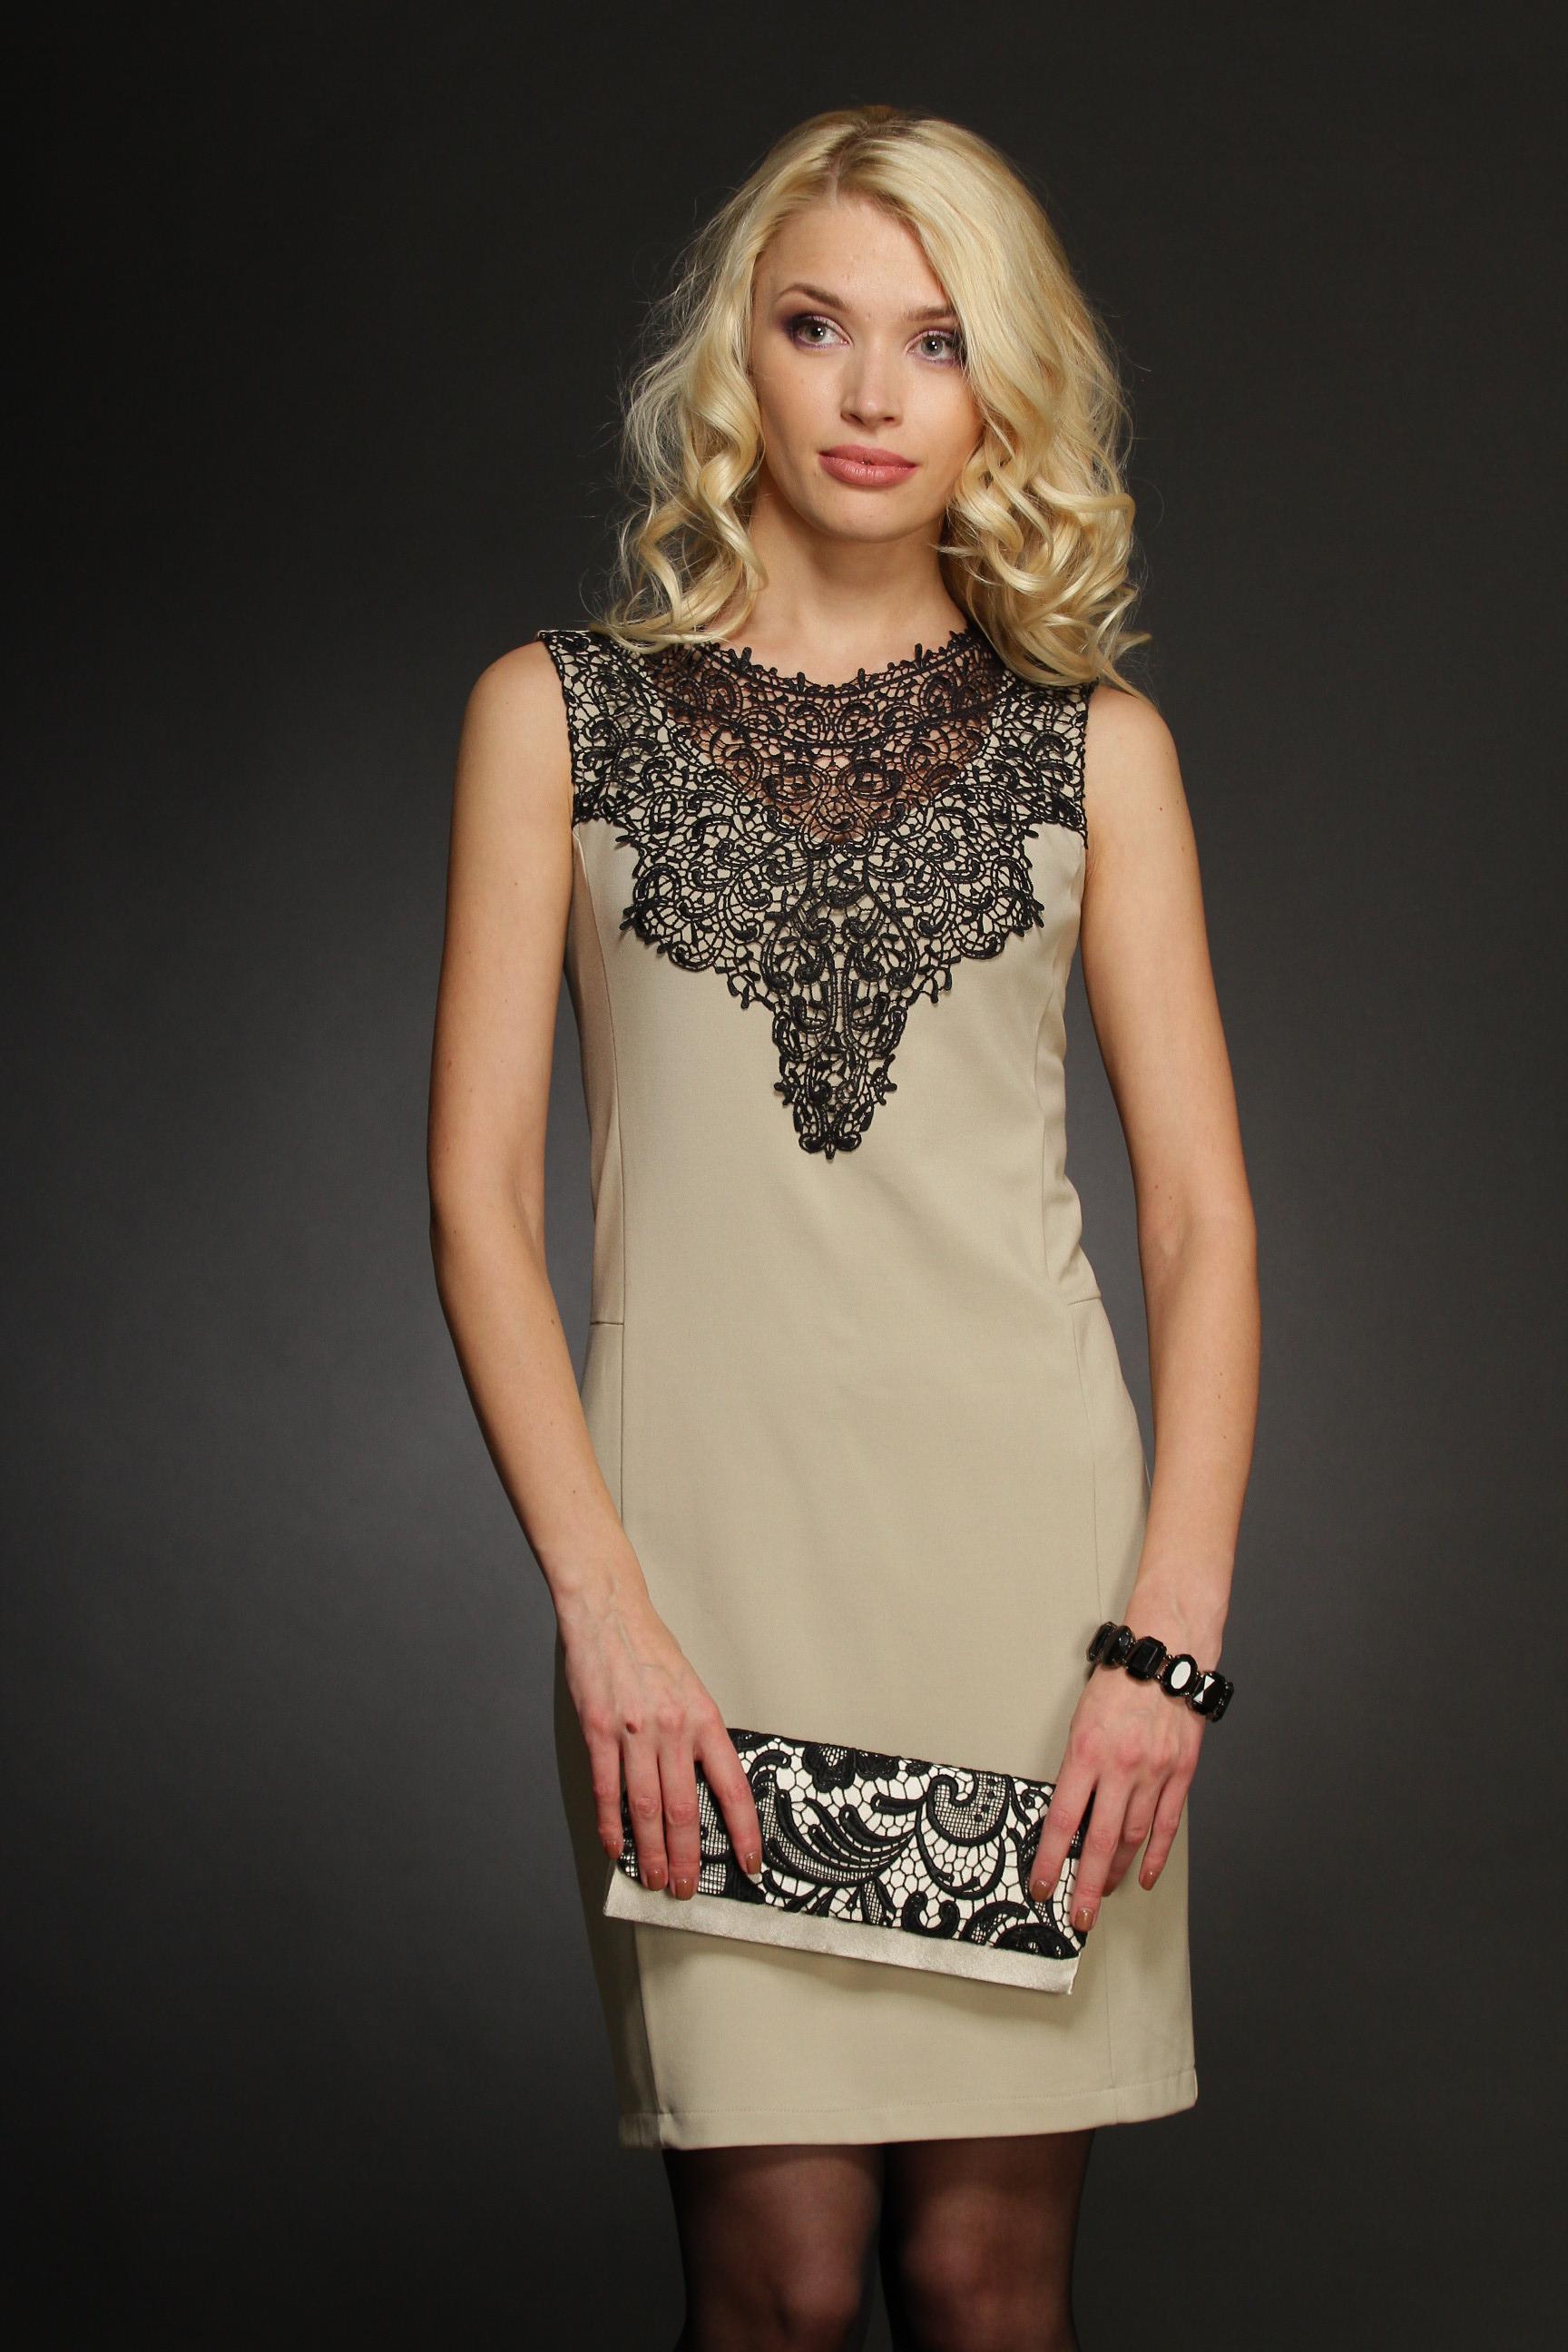 Как украсить платье кружевом фото своими руками